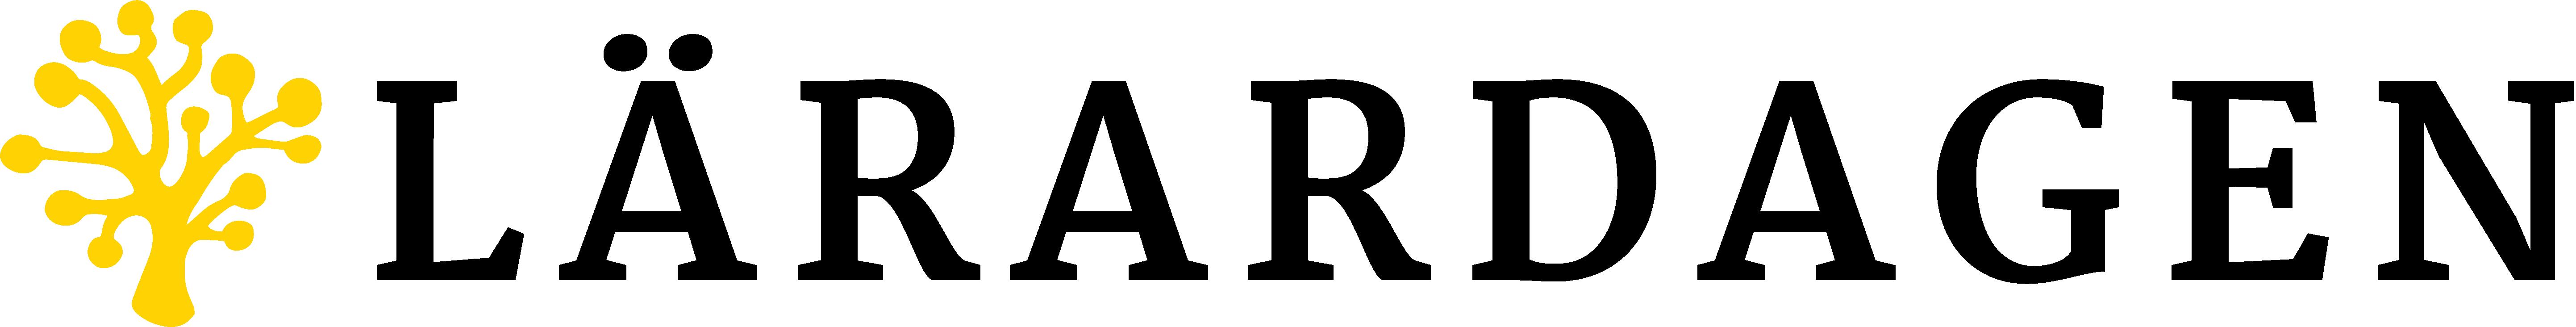 larardagen-logo_full